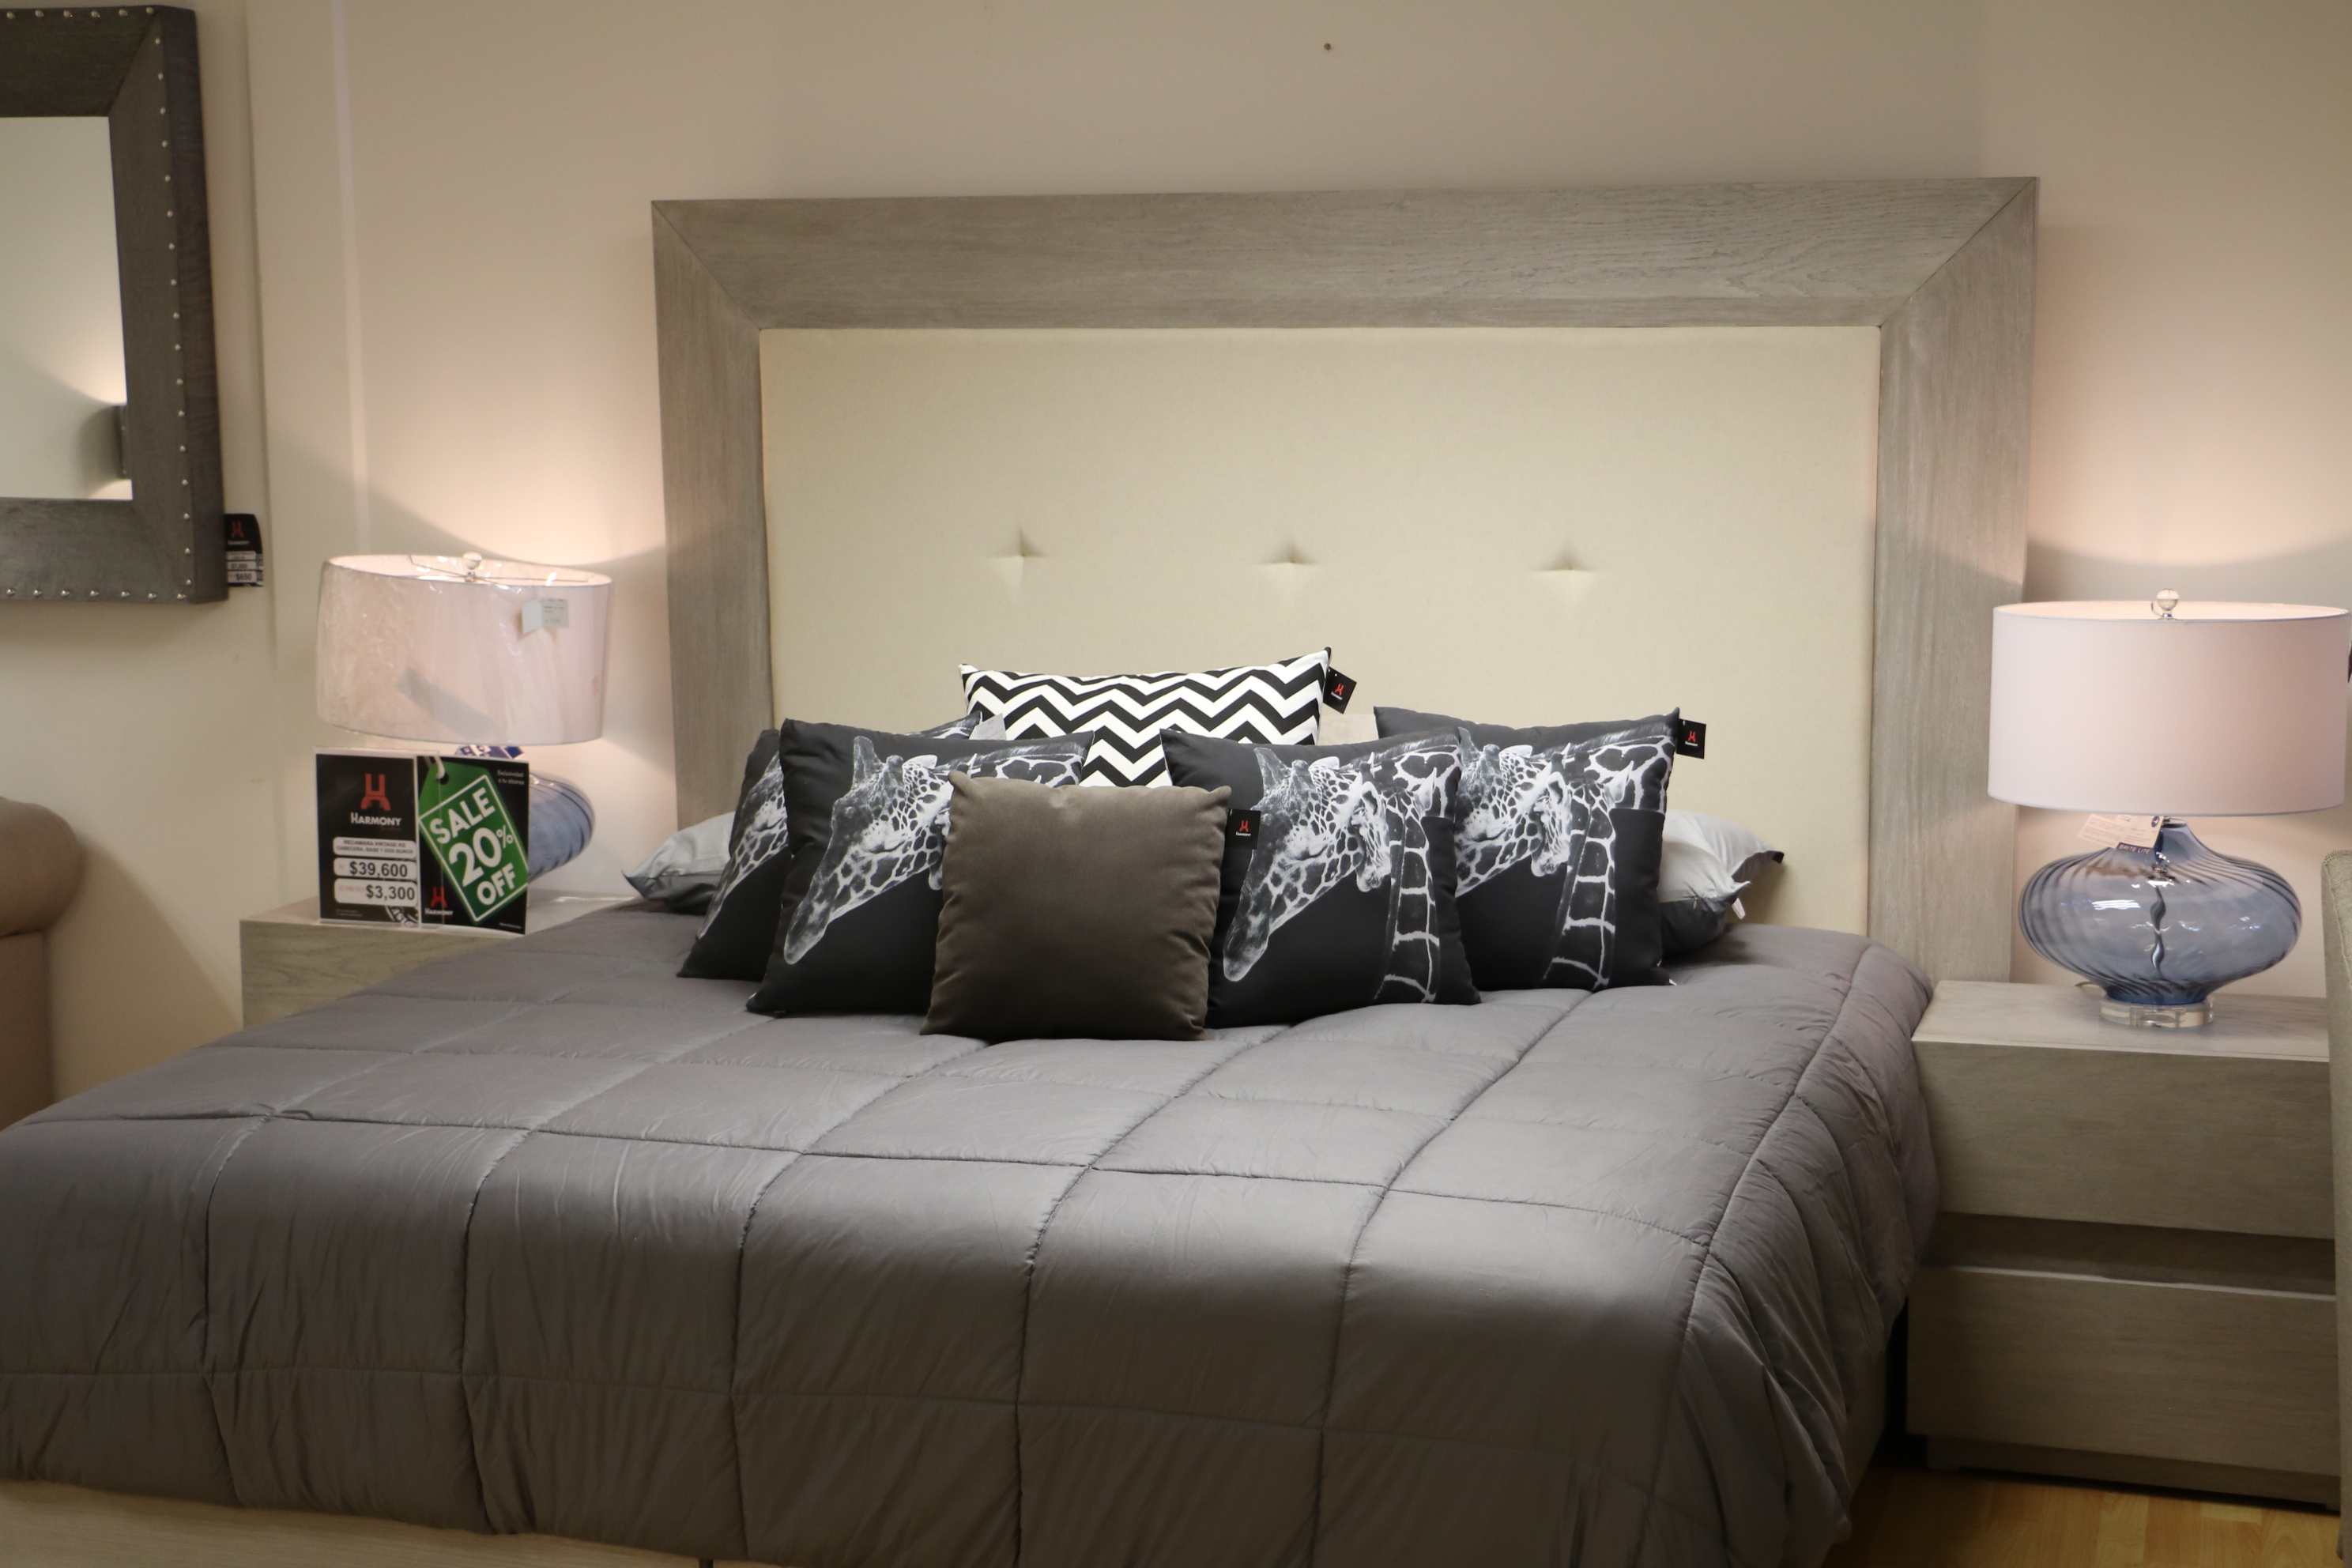 Harmony Furniture Dise Os Pensados En La Comidad De Tu Casa # Muebles Harmony